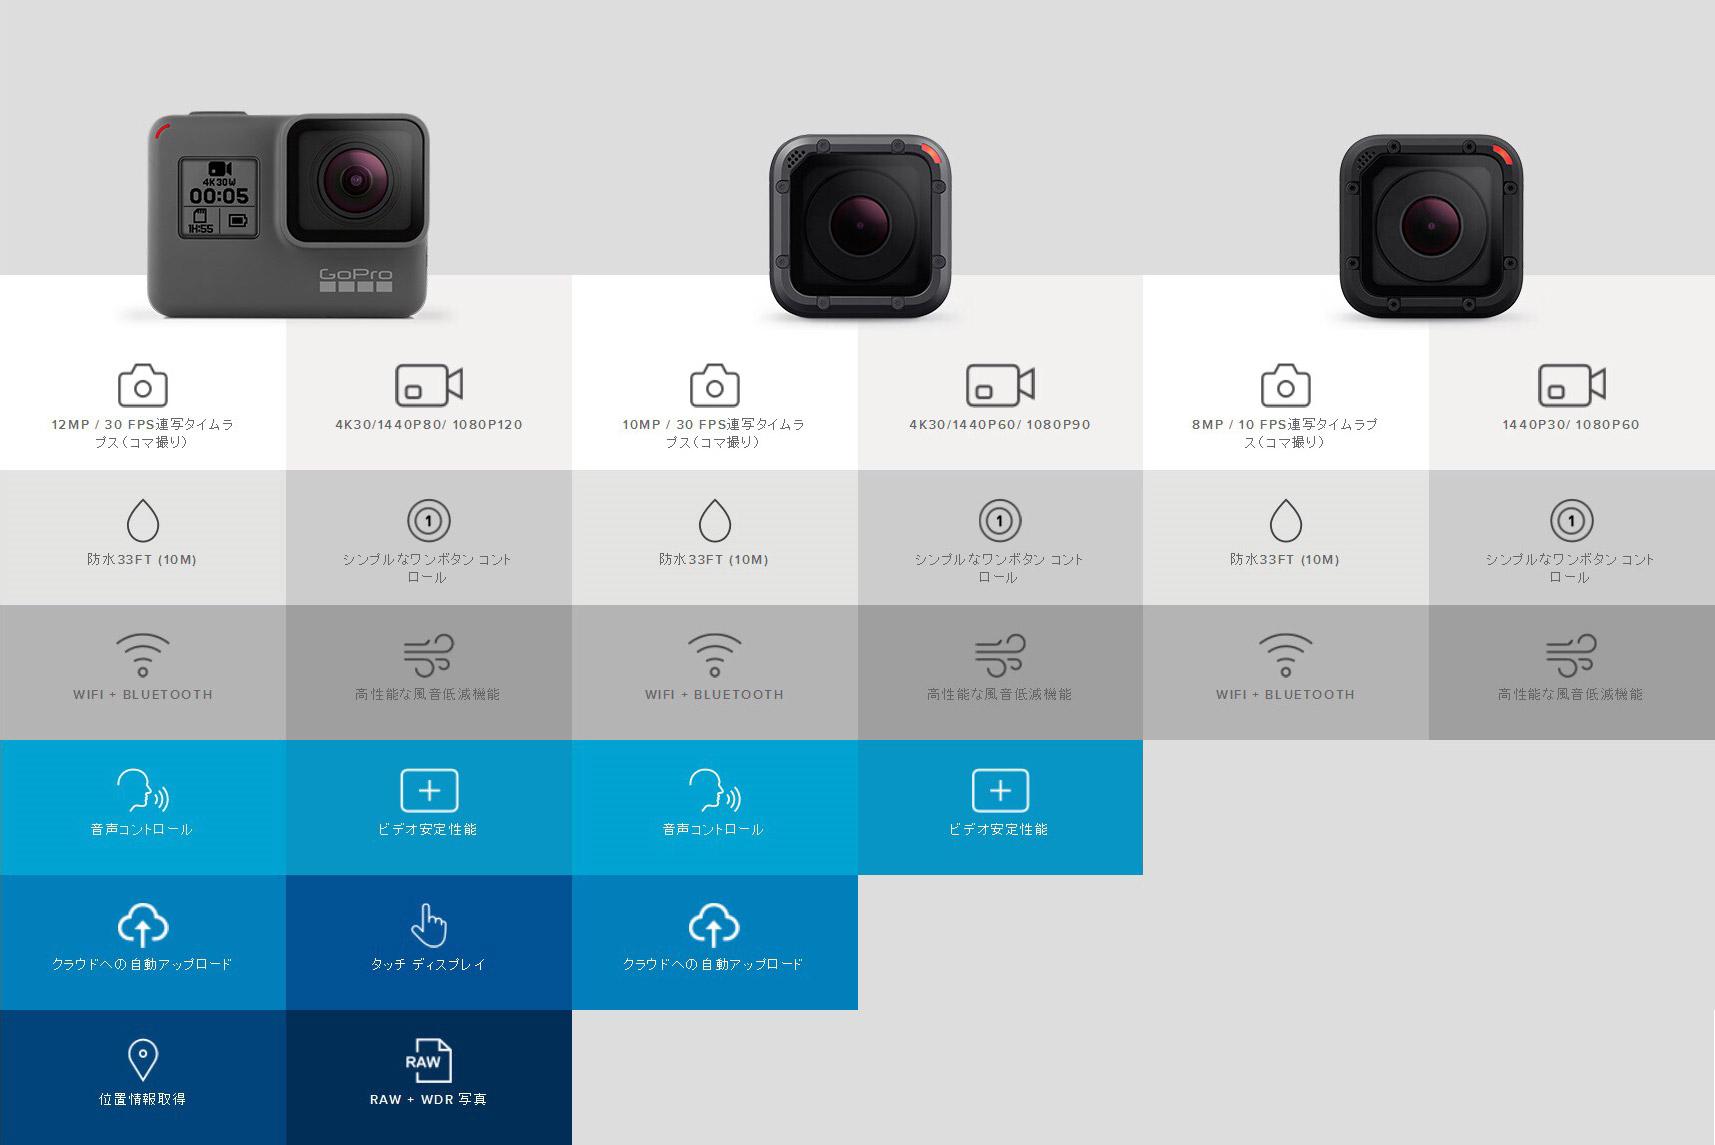 GoPro HERO5シリーズ機能比較表